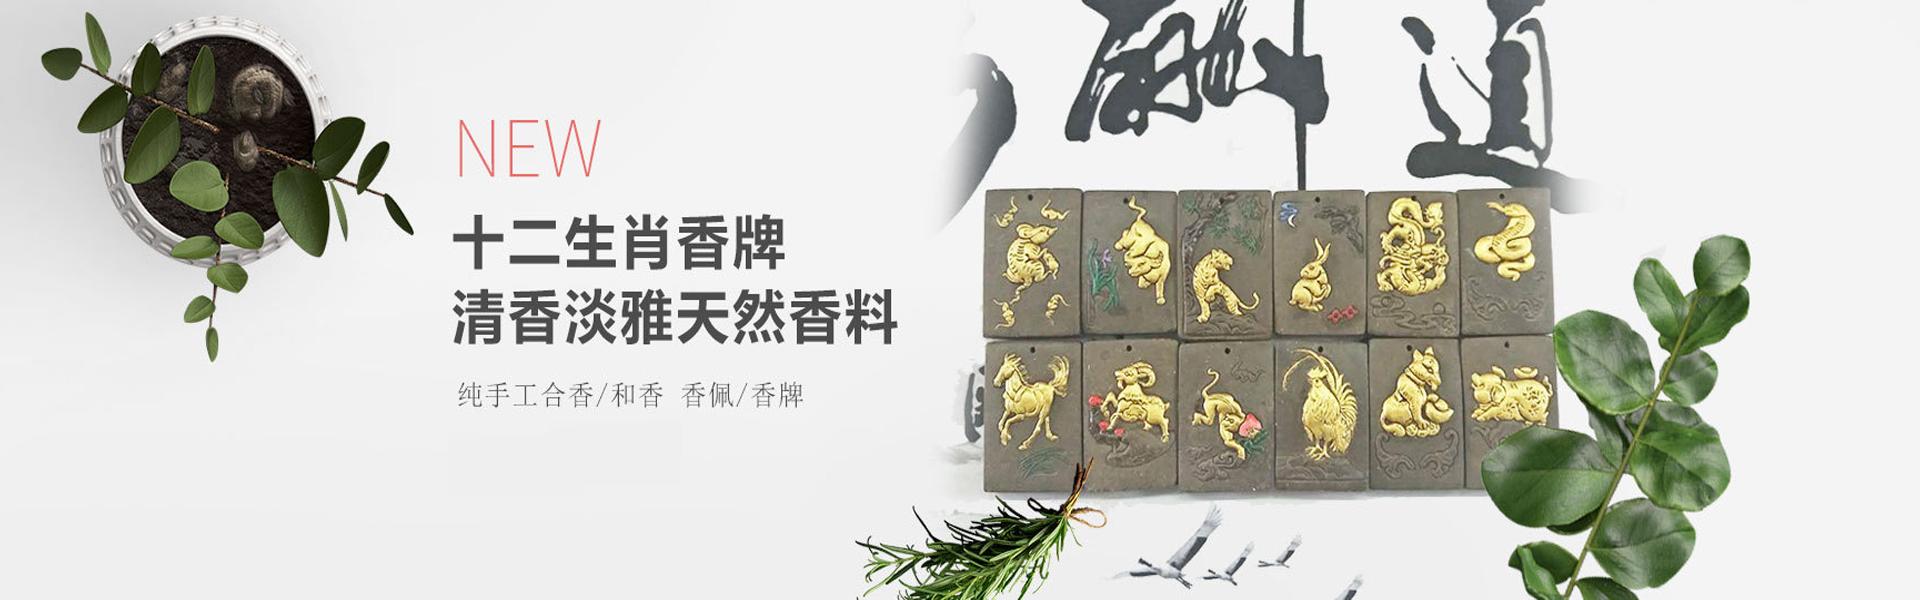 邯郸市永诚制香有限公司